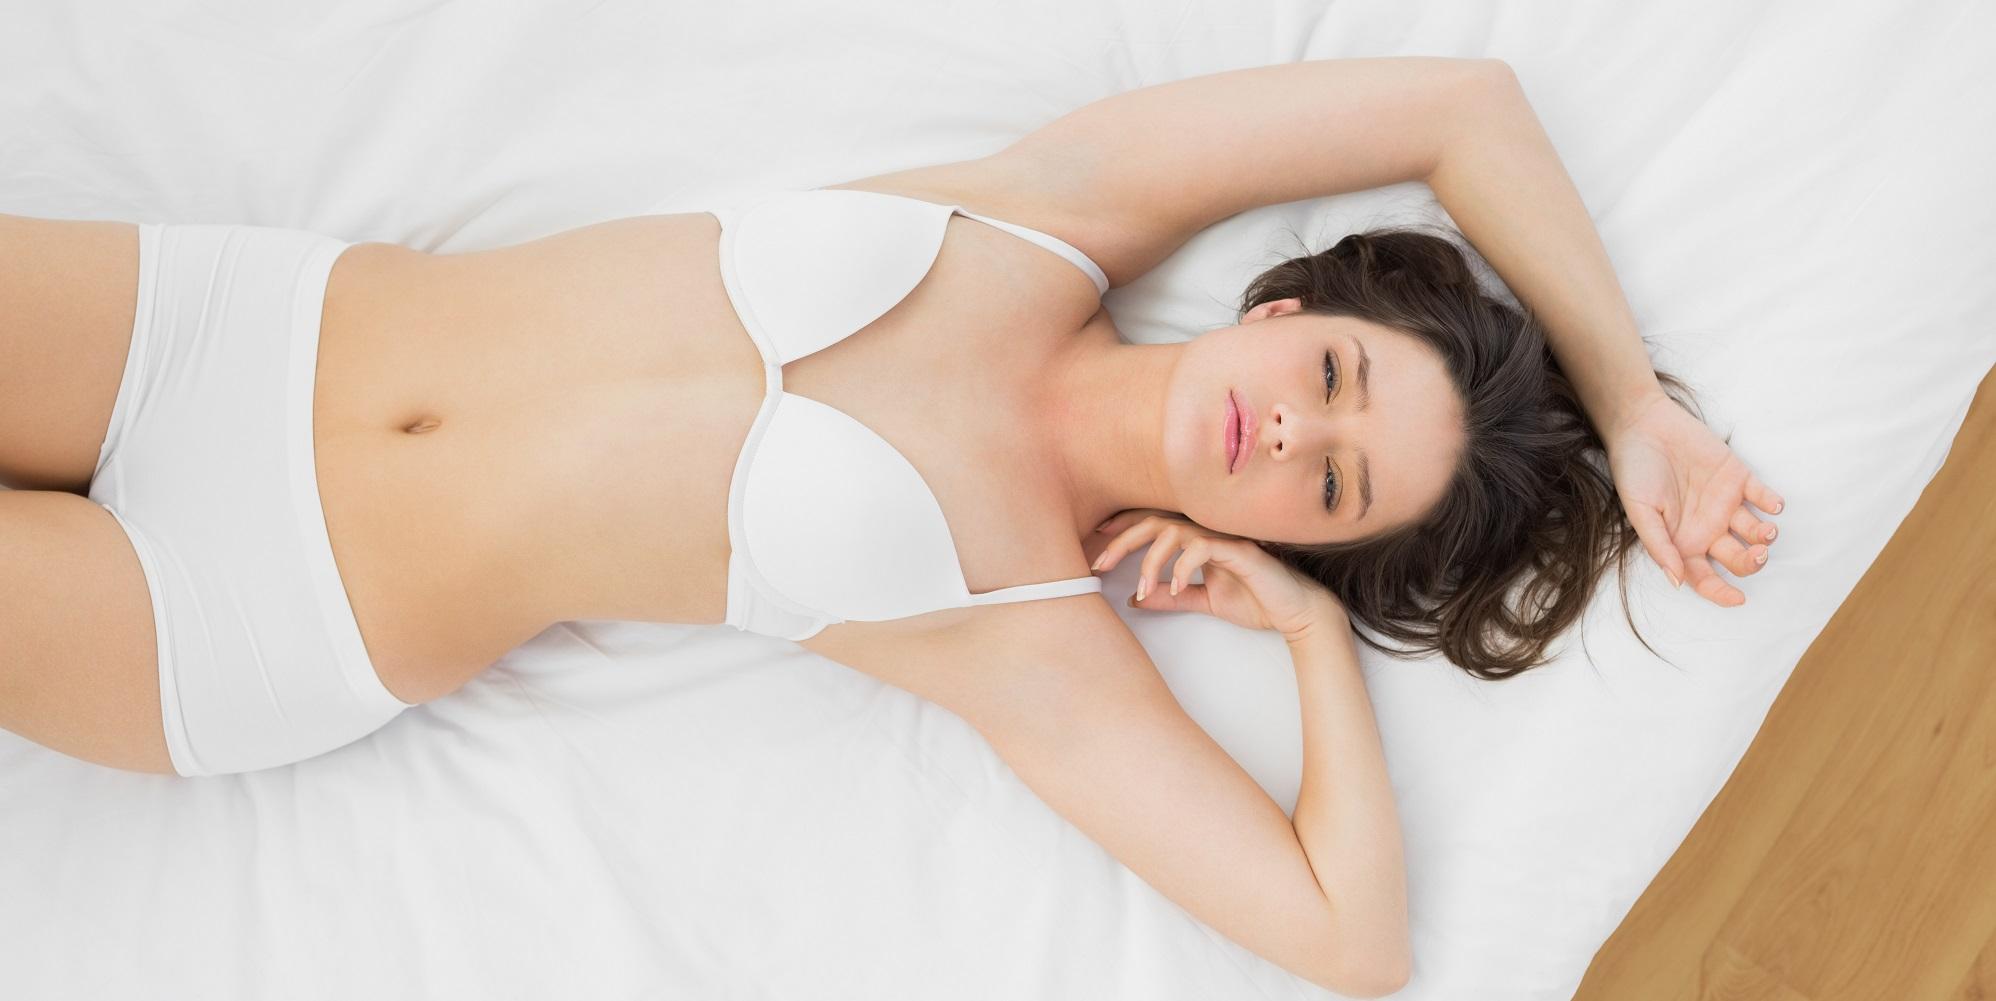 Бюстгальтер во время сна фото